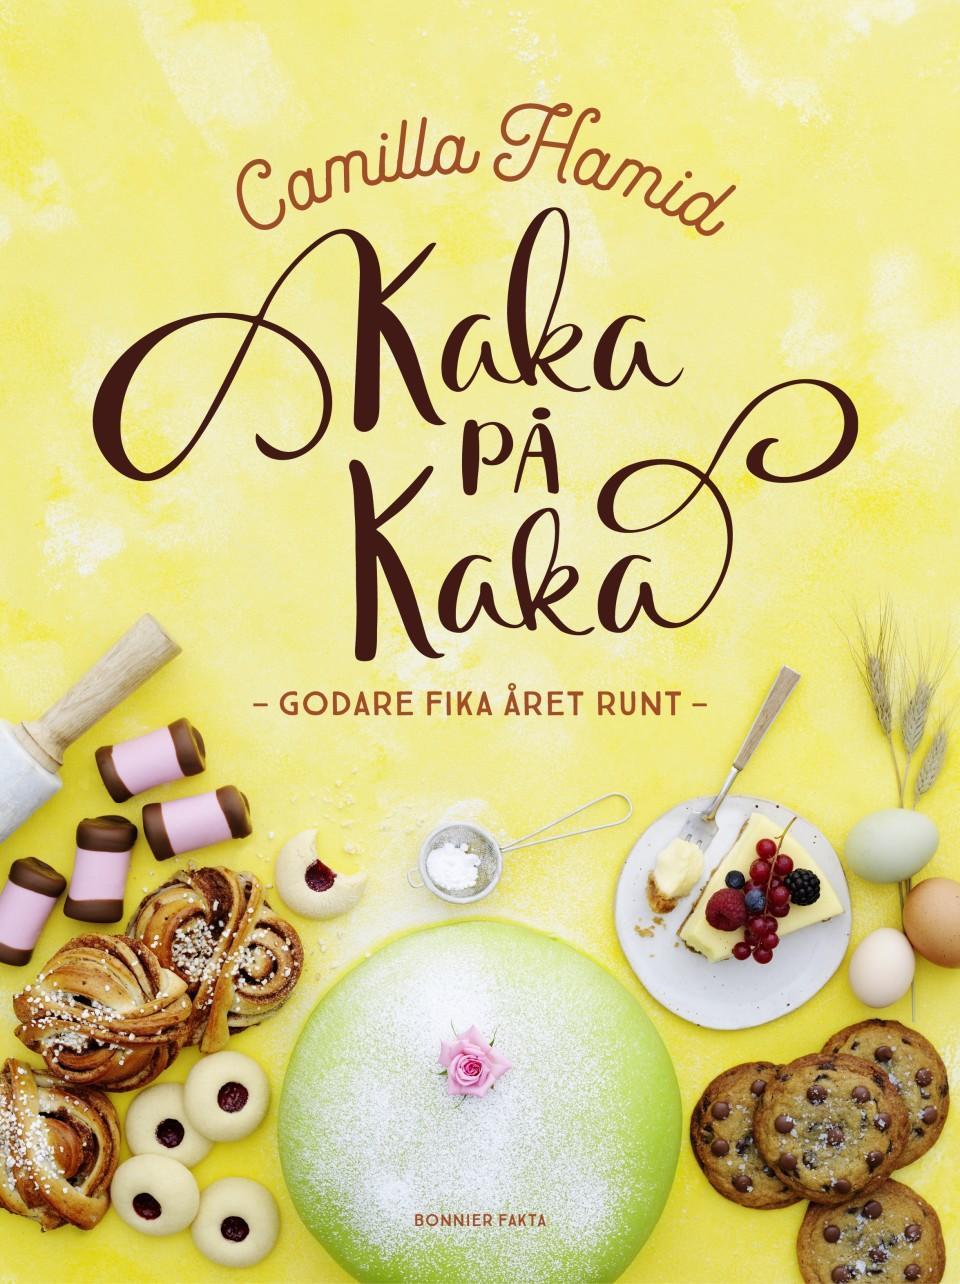 Kaka på kaka av Camilla Hamid.